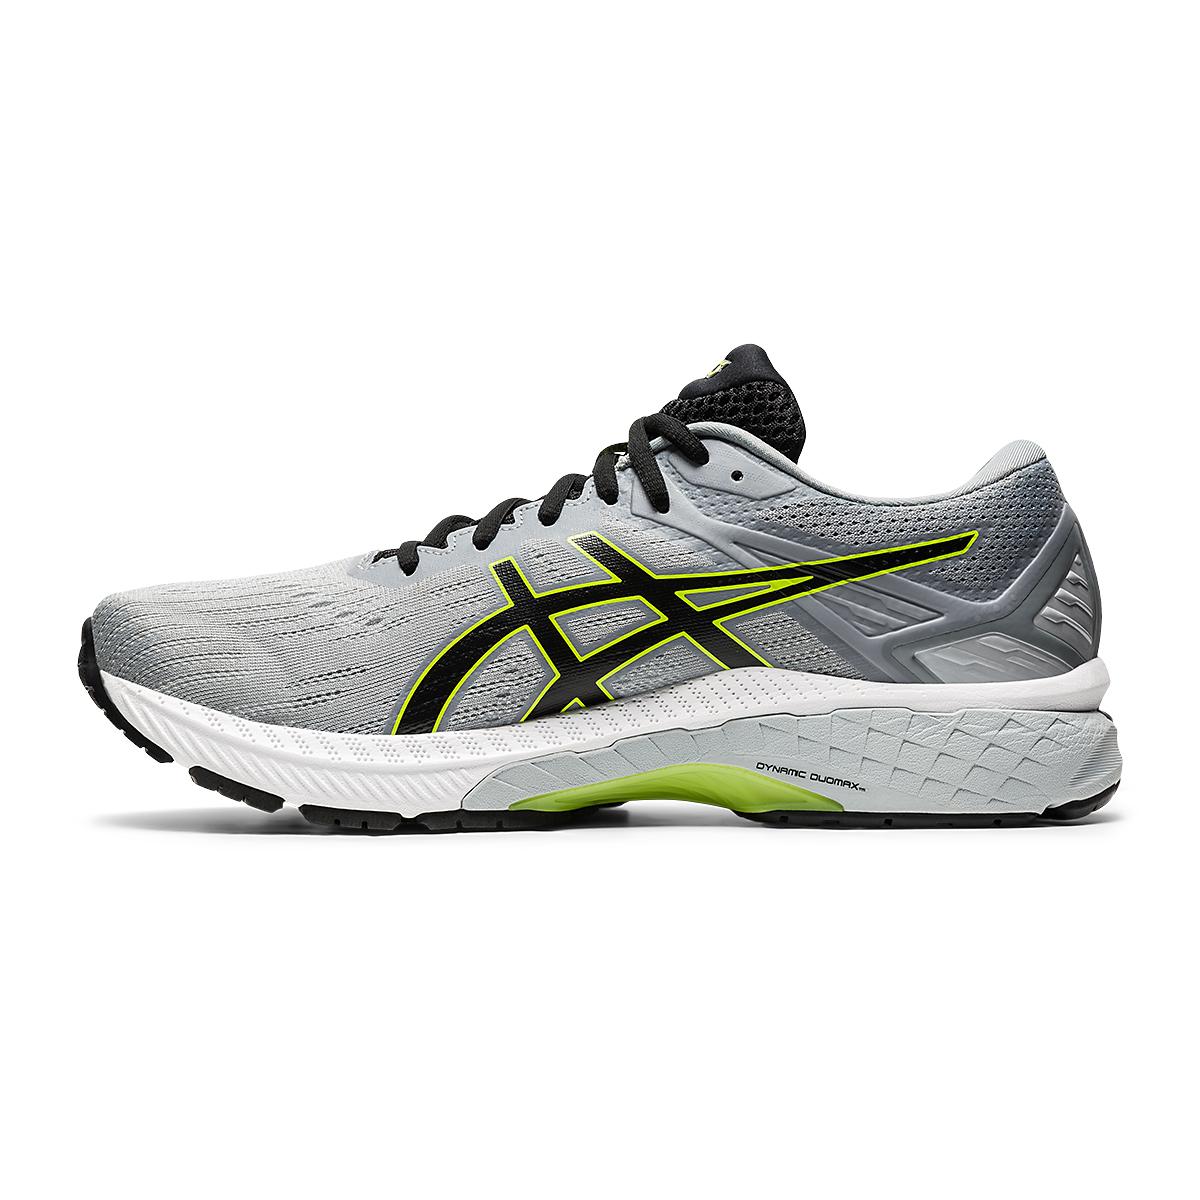 Men's Asics GT-2000 9 Running Shoe - Color: Sheet Rock/Black - Size: 7 - Width: Regular, Sheet Rock/Black, large, image 2